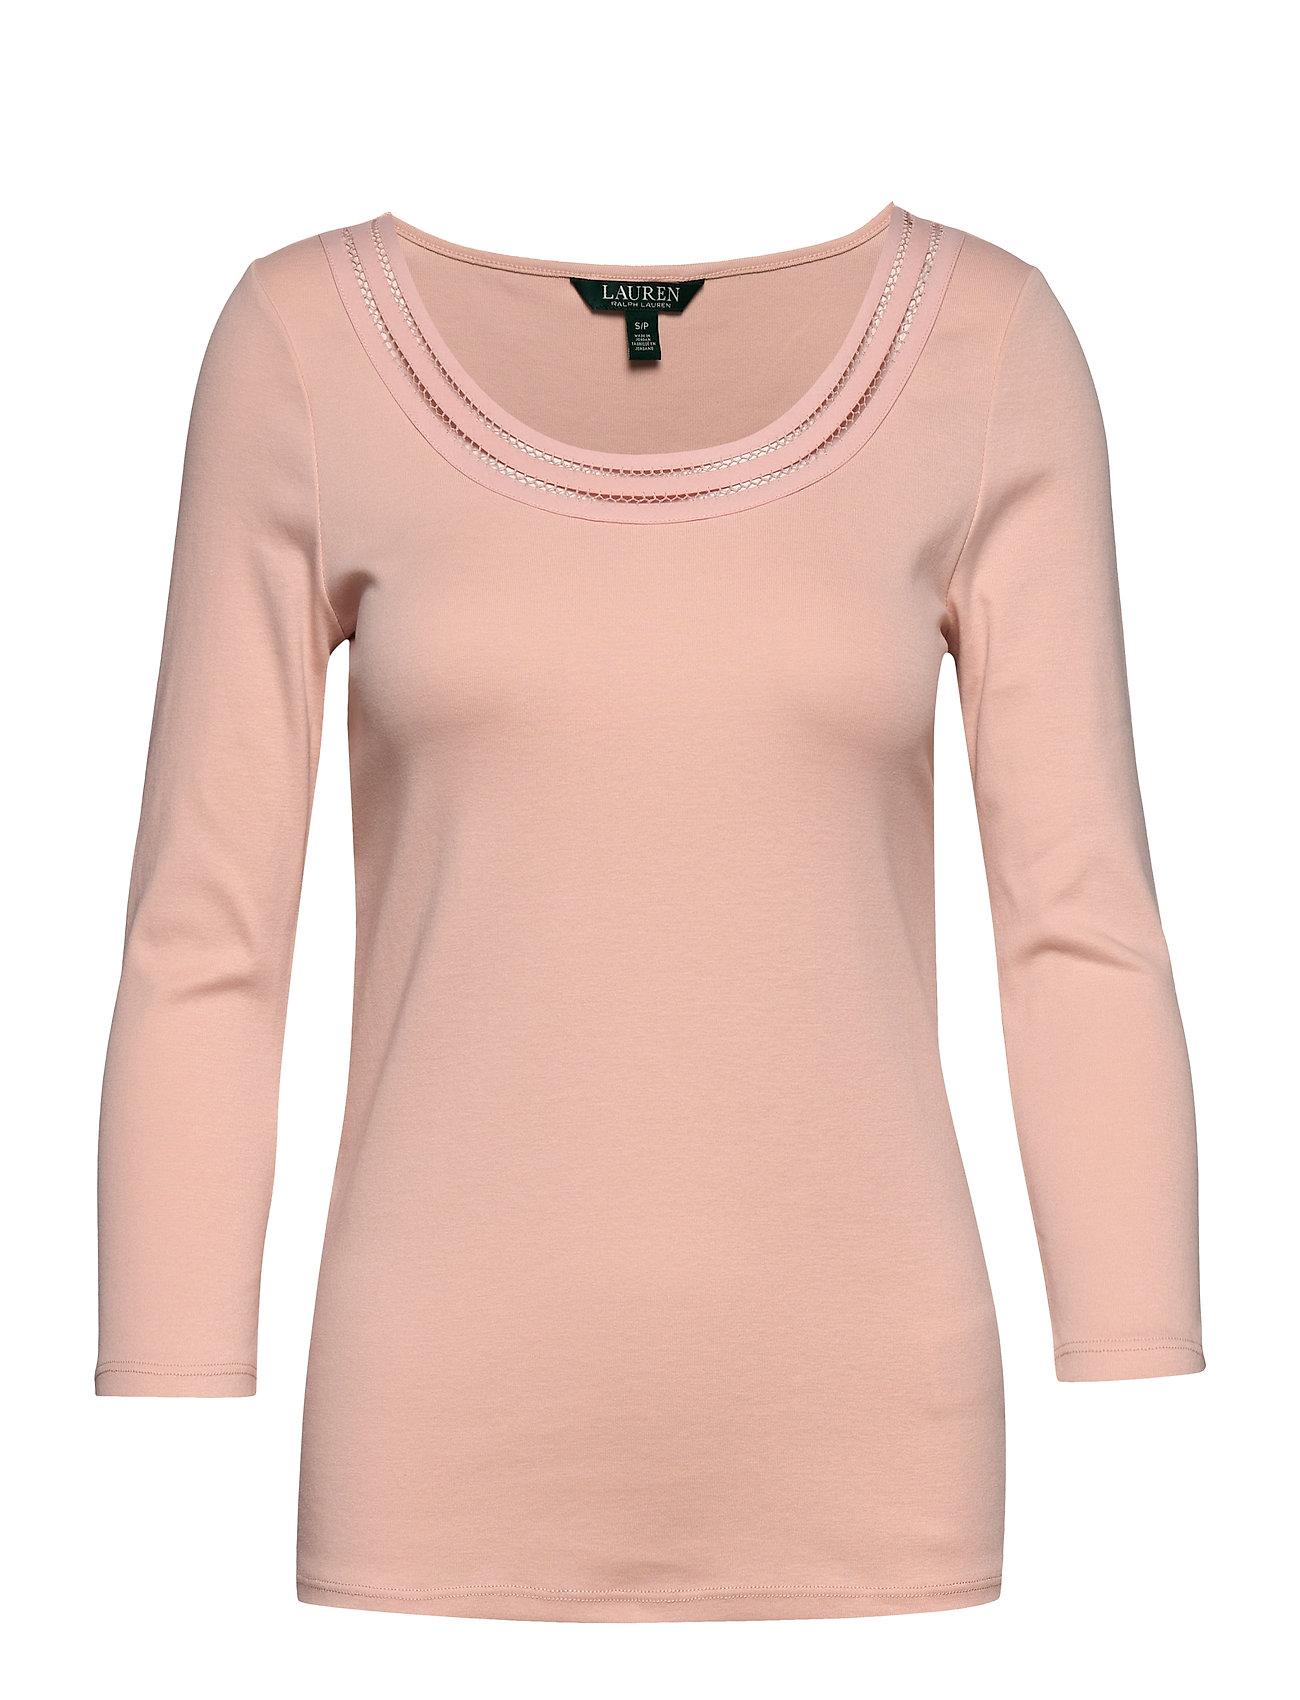 Lauren Ralph Lauren Cotton Elbow-Sleeve Top - PINK HYDRANGEA